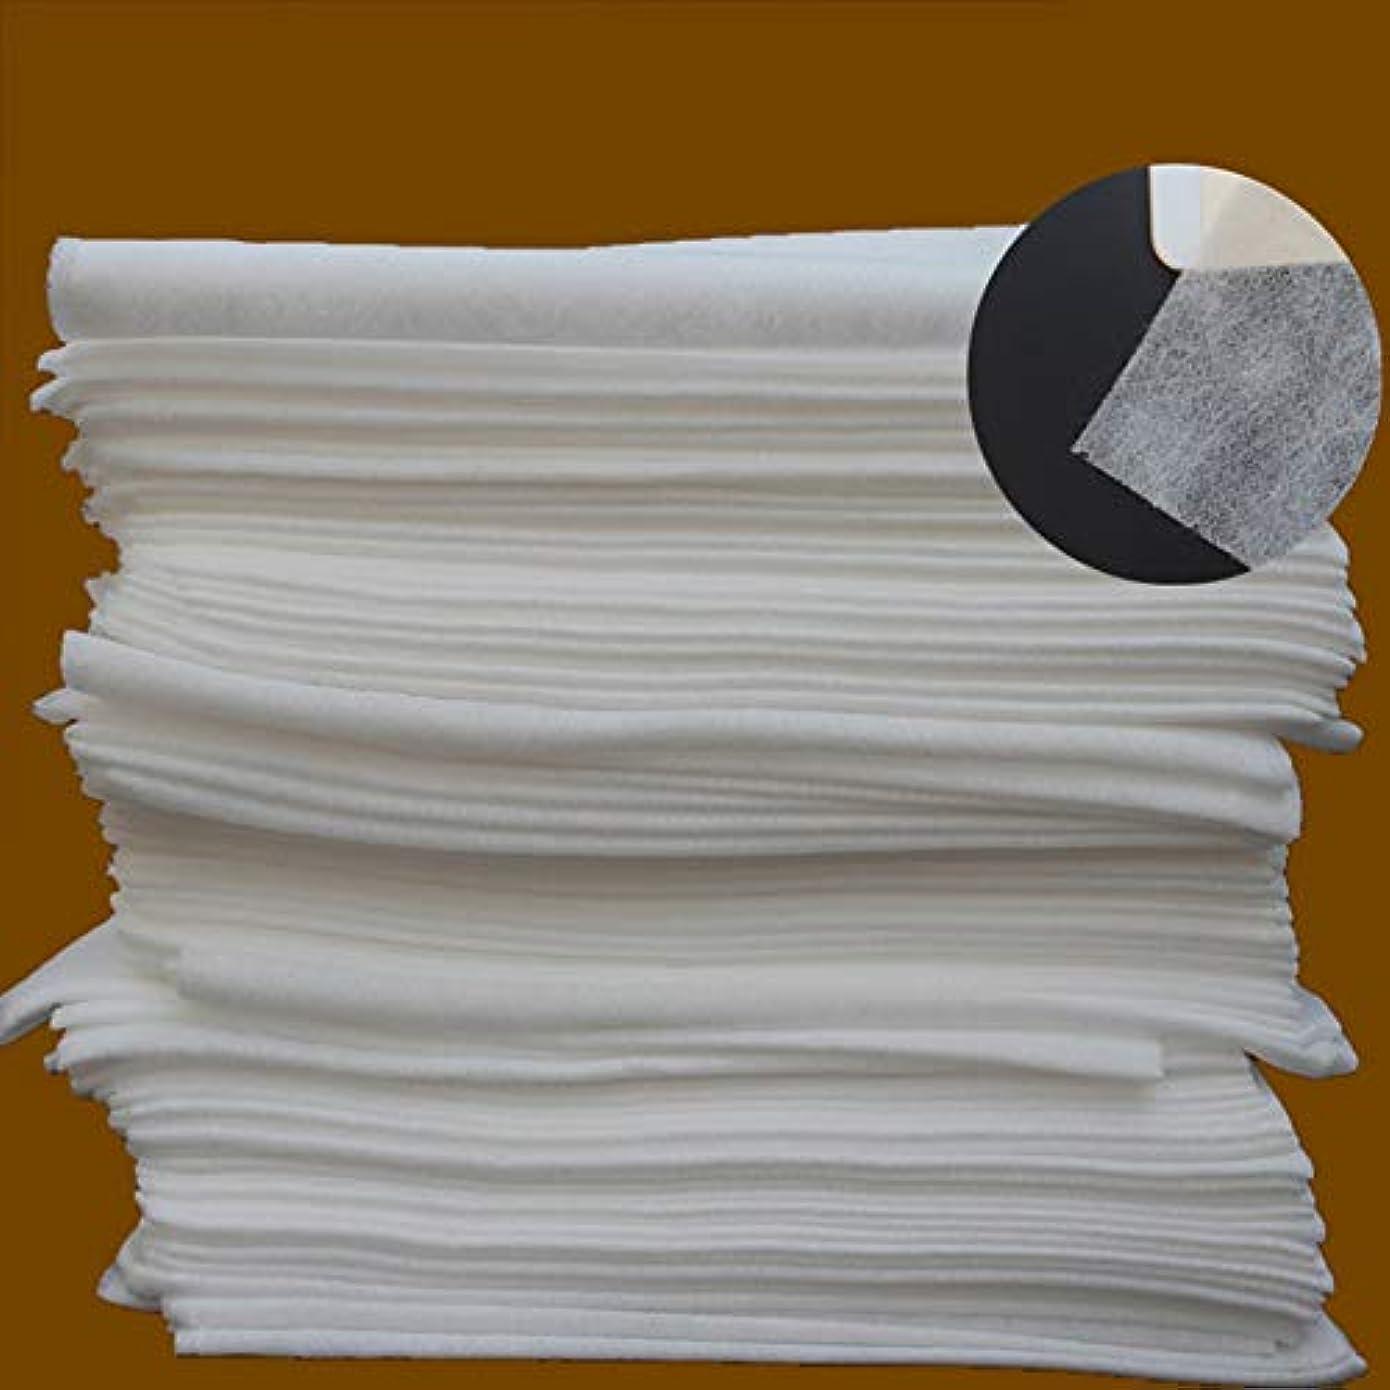 推論うれしいスペル旅行スパサロンワックスマッサージトリートメント用ホワイト10個使い捨てベッドシーツ - ホワイト